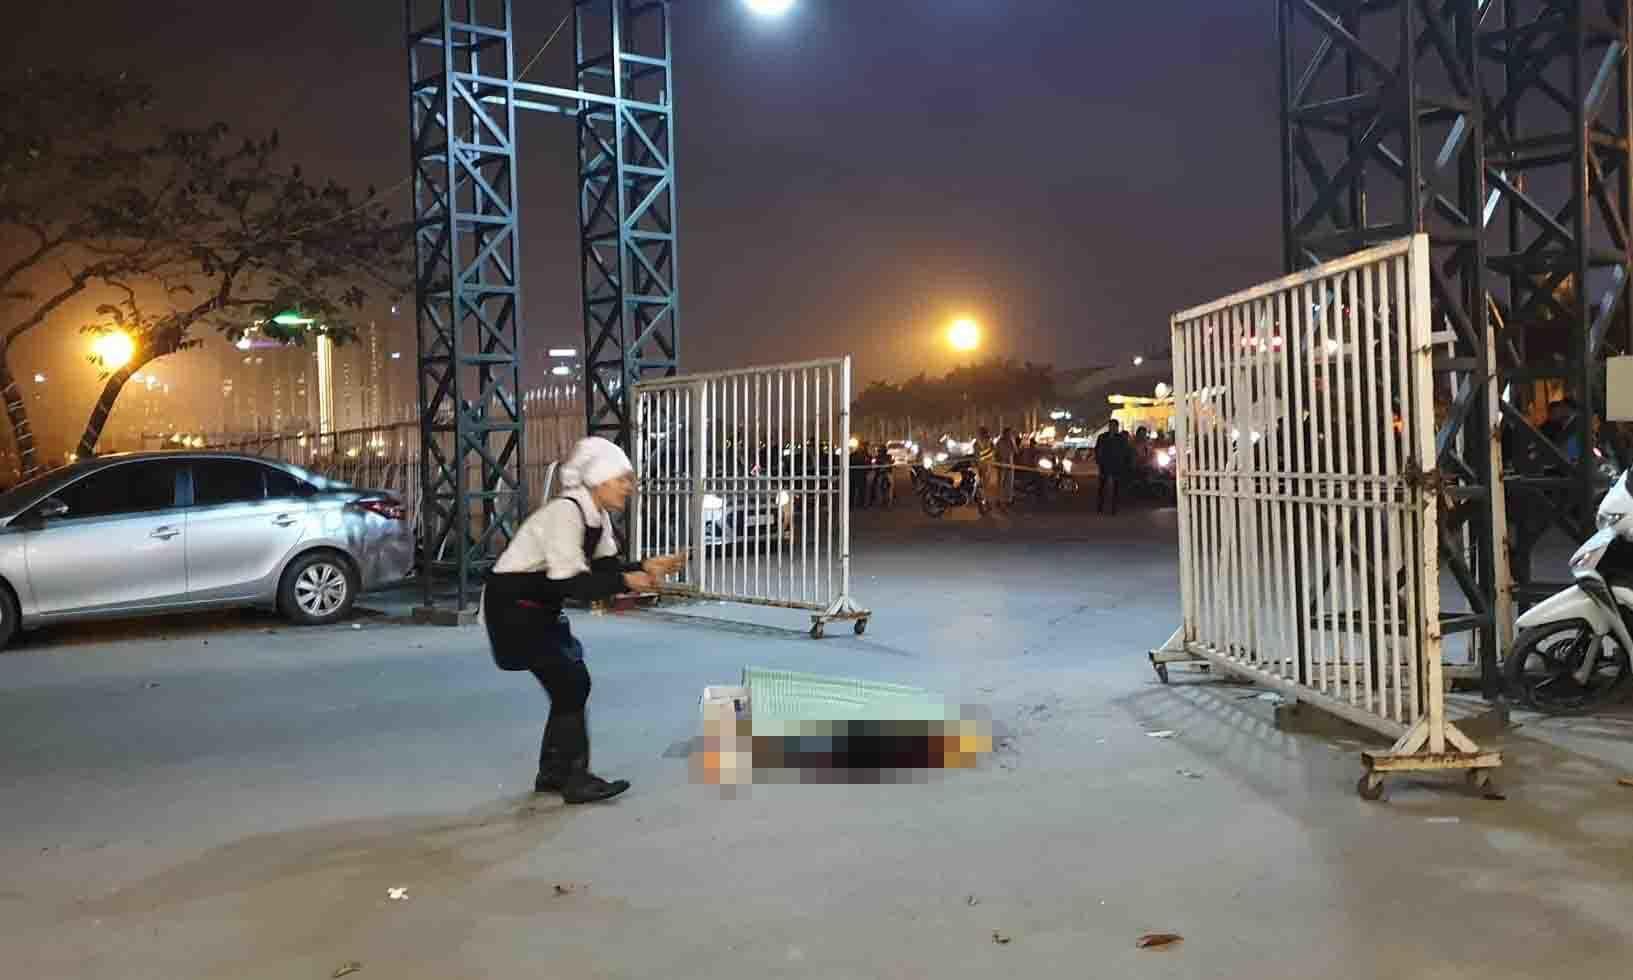 giết người,cướp,cướp taxi,Hà Nội